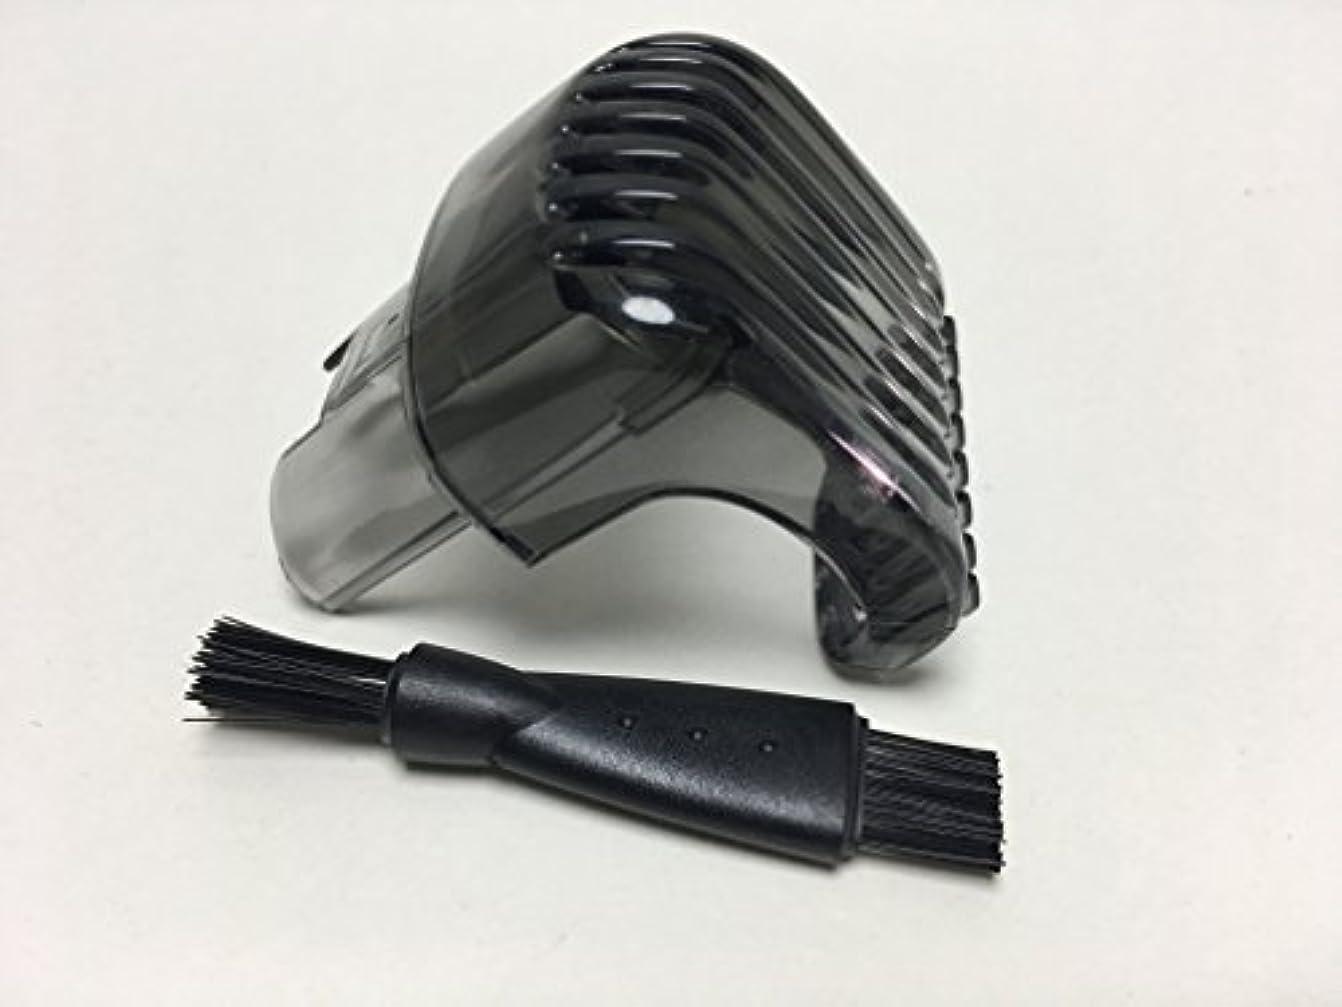 アーティキュレーションラビリンス指定ビッグ シェービングカミソリトリマークリッパーコーム フィリップス Philips QS6100 QS6140 QS6160 QS6100/50 QS6141 QS6161 QS6141/33 ヘア 櫛 細部コーム Shaver Razor hair trimmer clipper comb